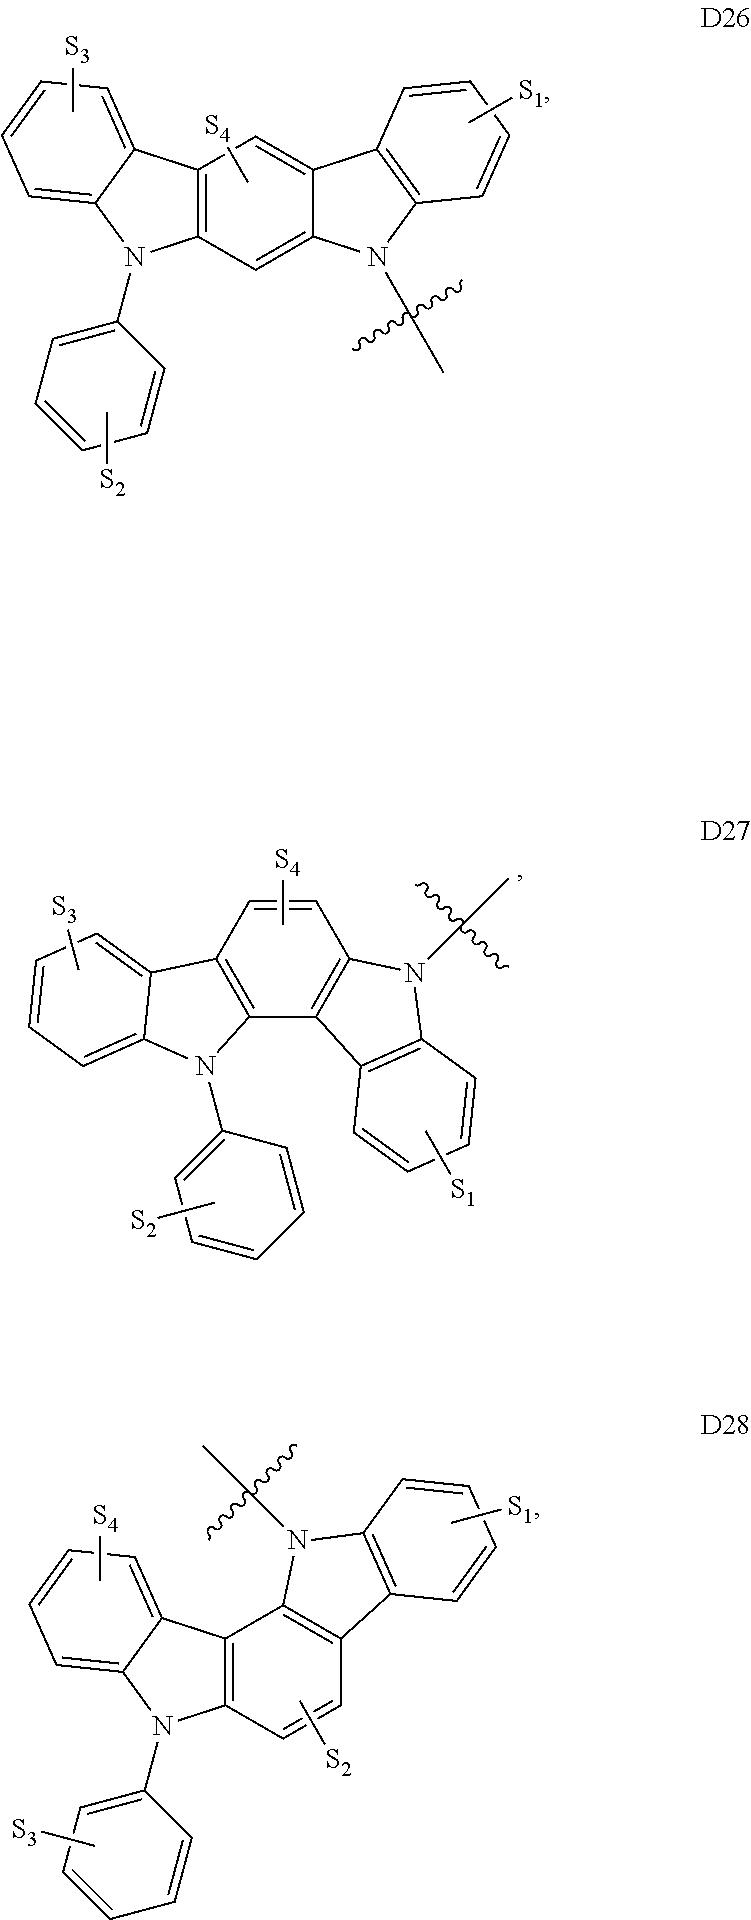 Figure US09537106-20170103-C00476